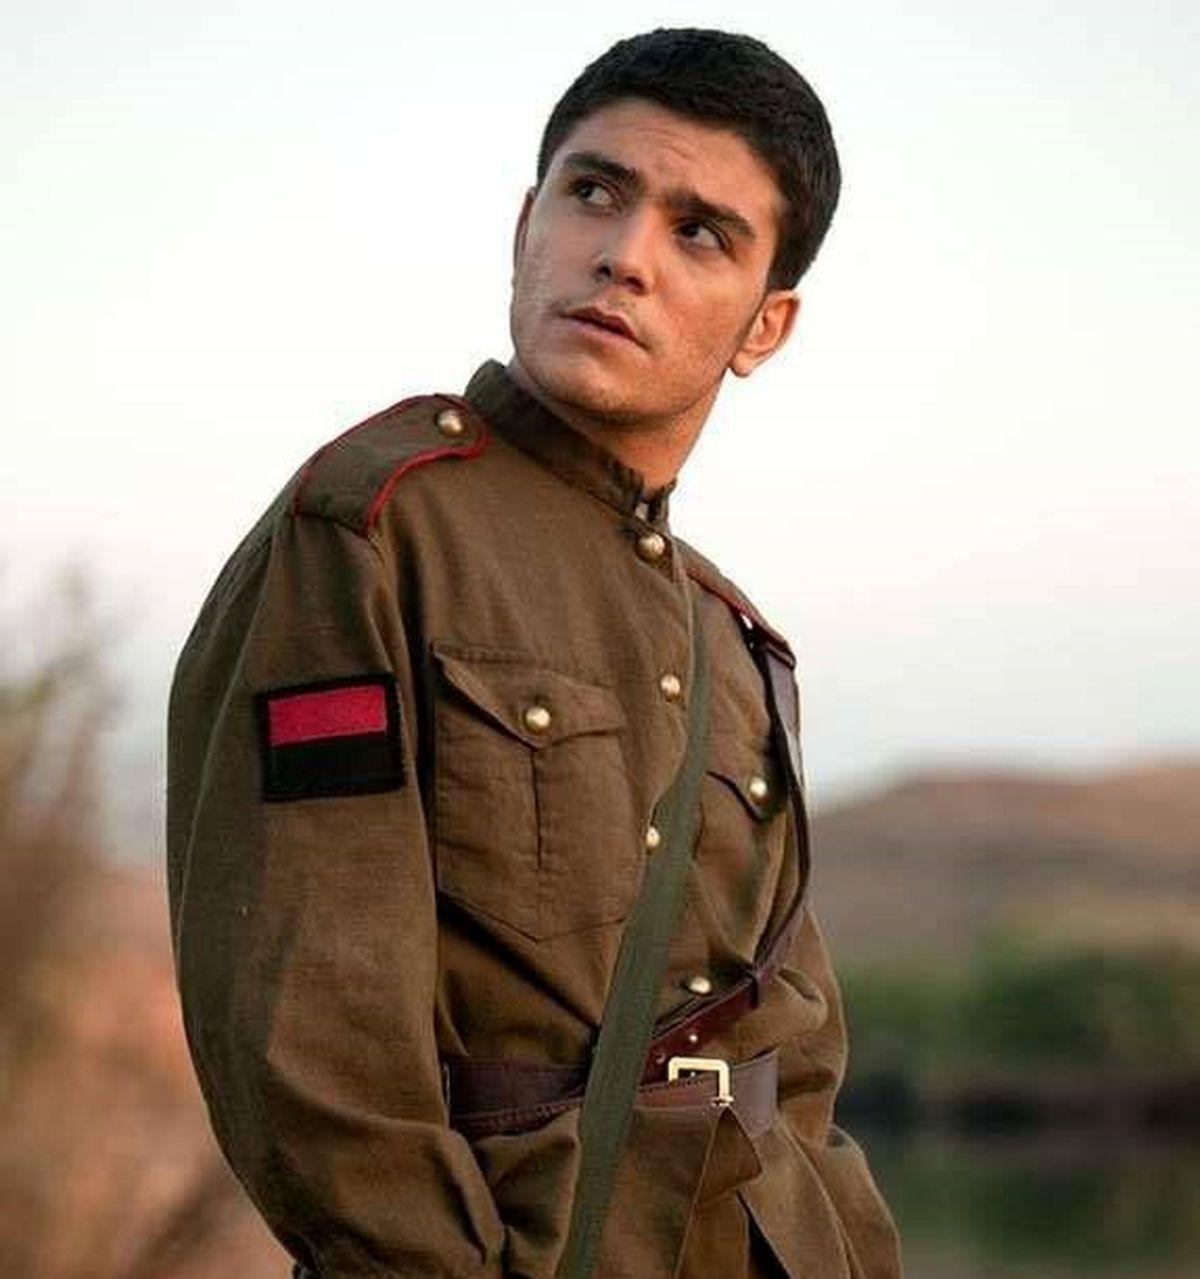 آصف سریال یاور : آرزو دارم تا اخر عمر در سینما بمانم